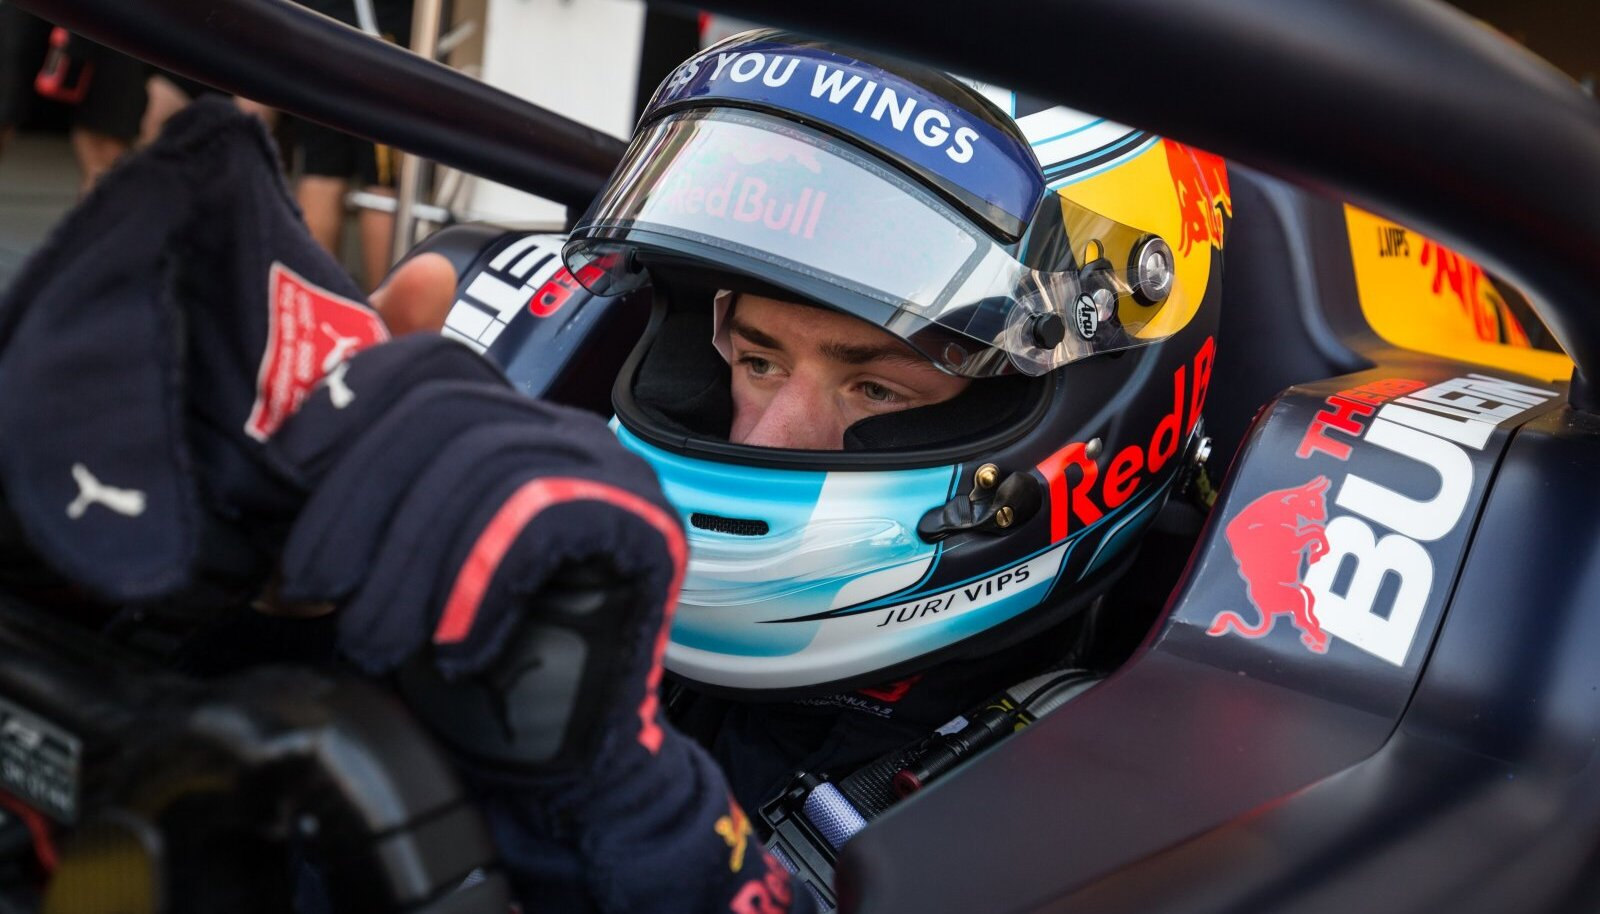 Jüri Vips liigub sihikindlalt F1 sarja poole.